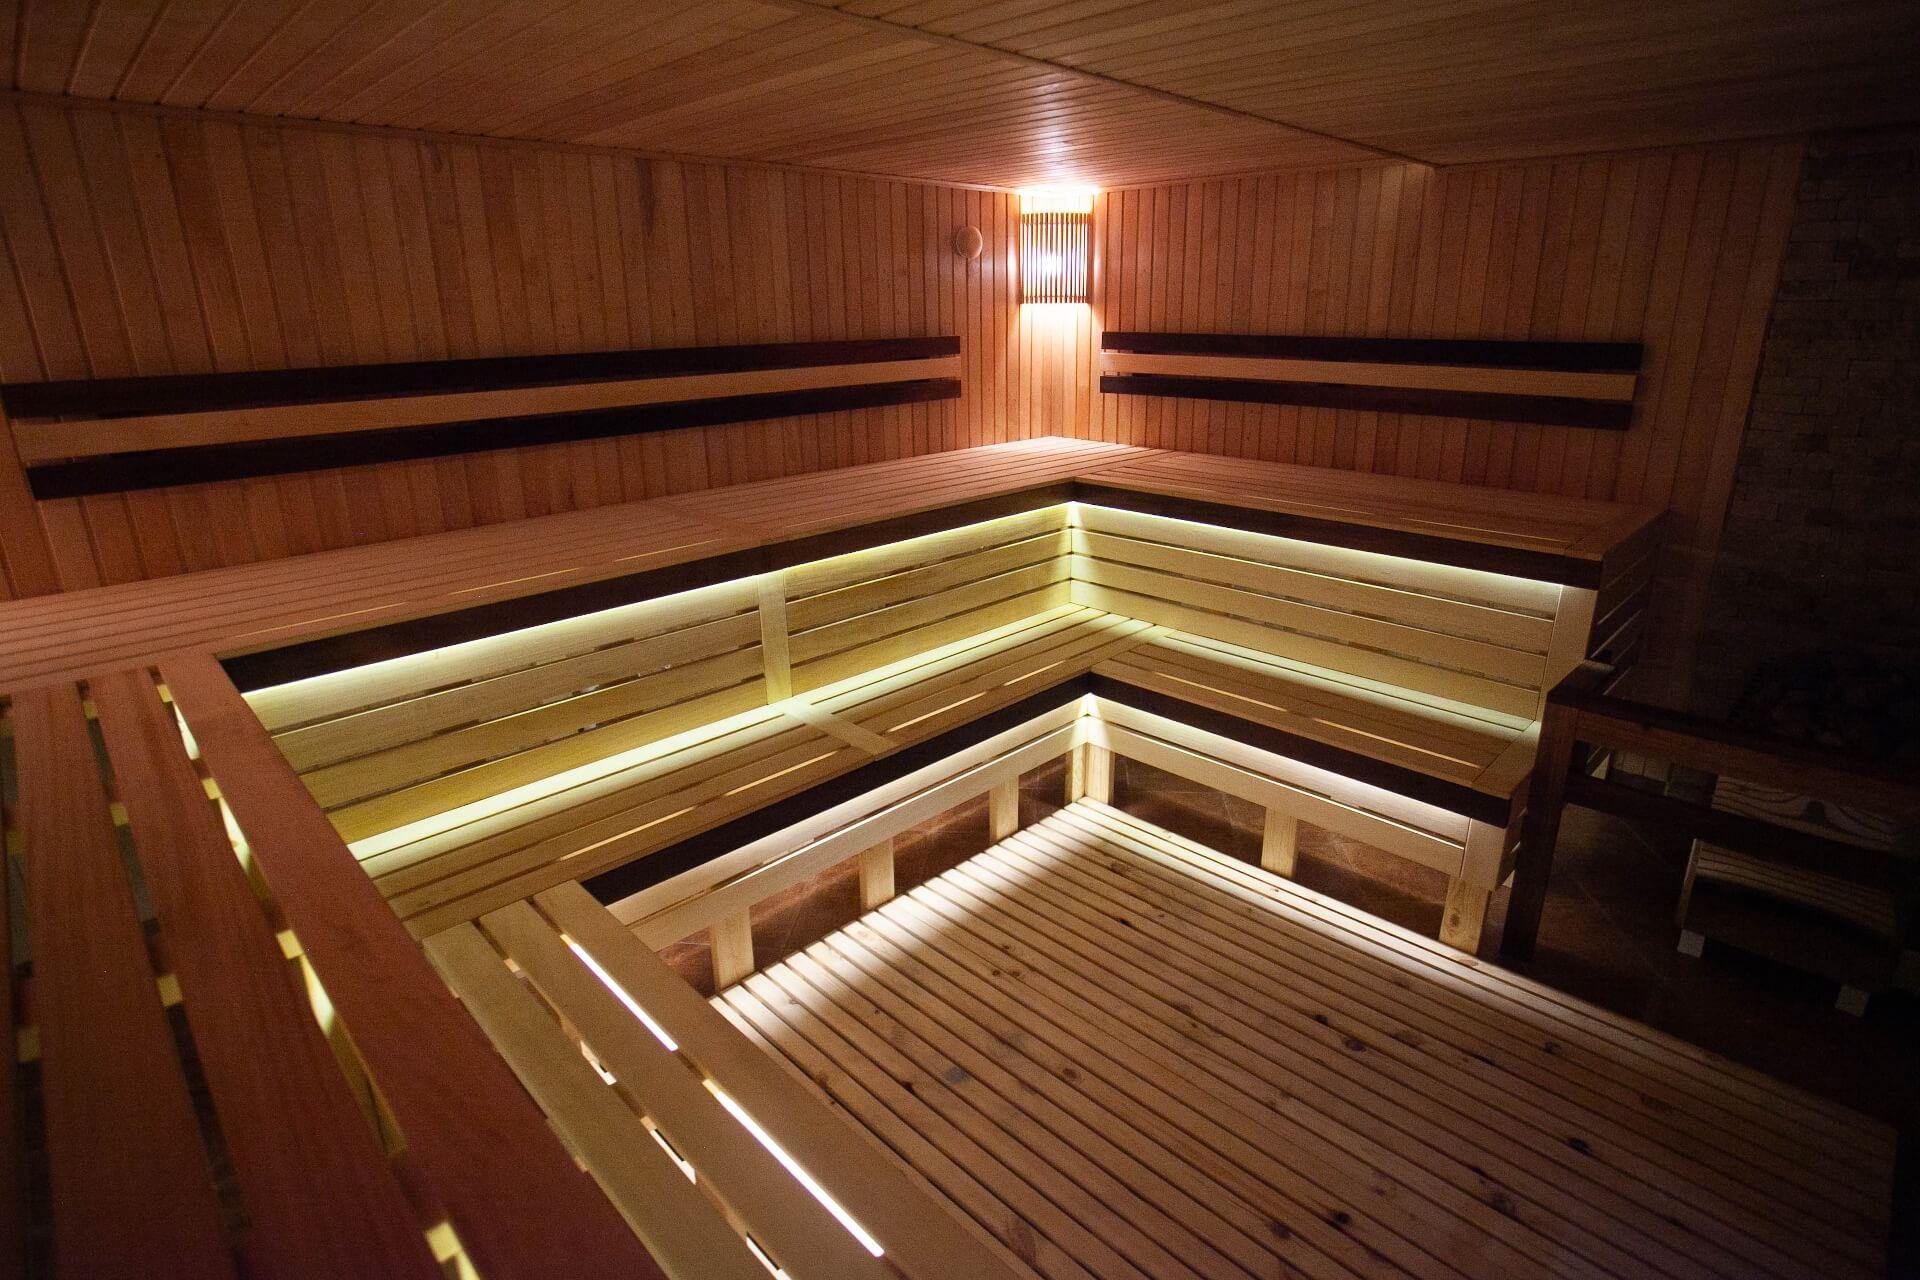 сухая парная финская баня хмельницкий